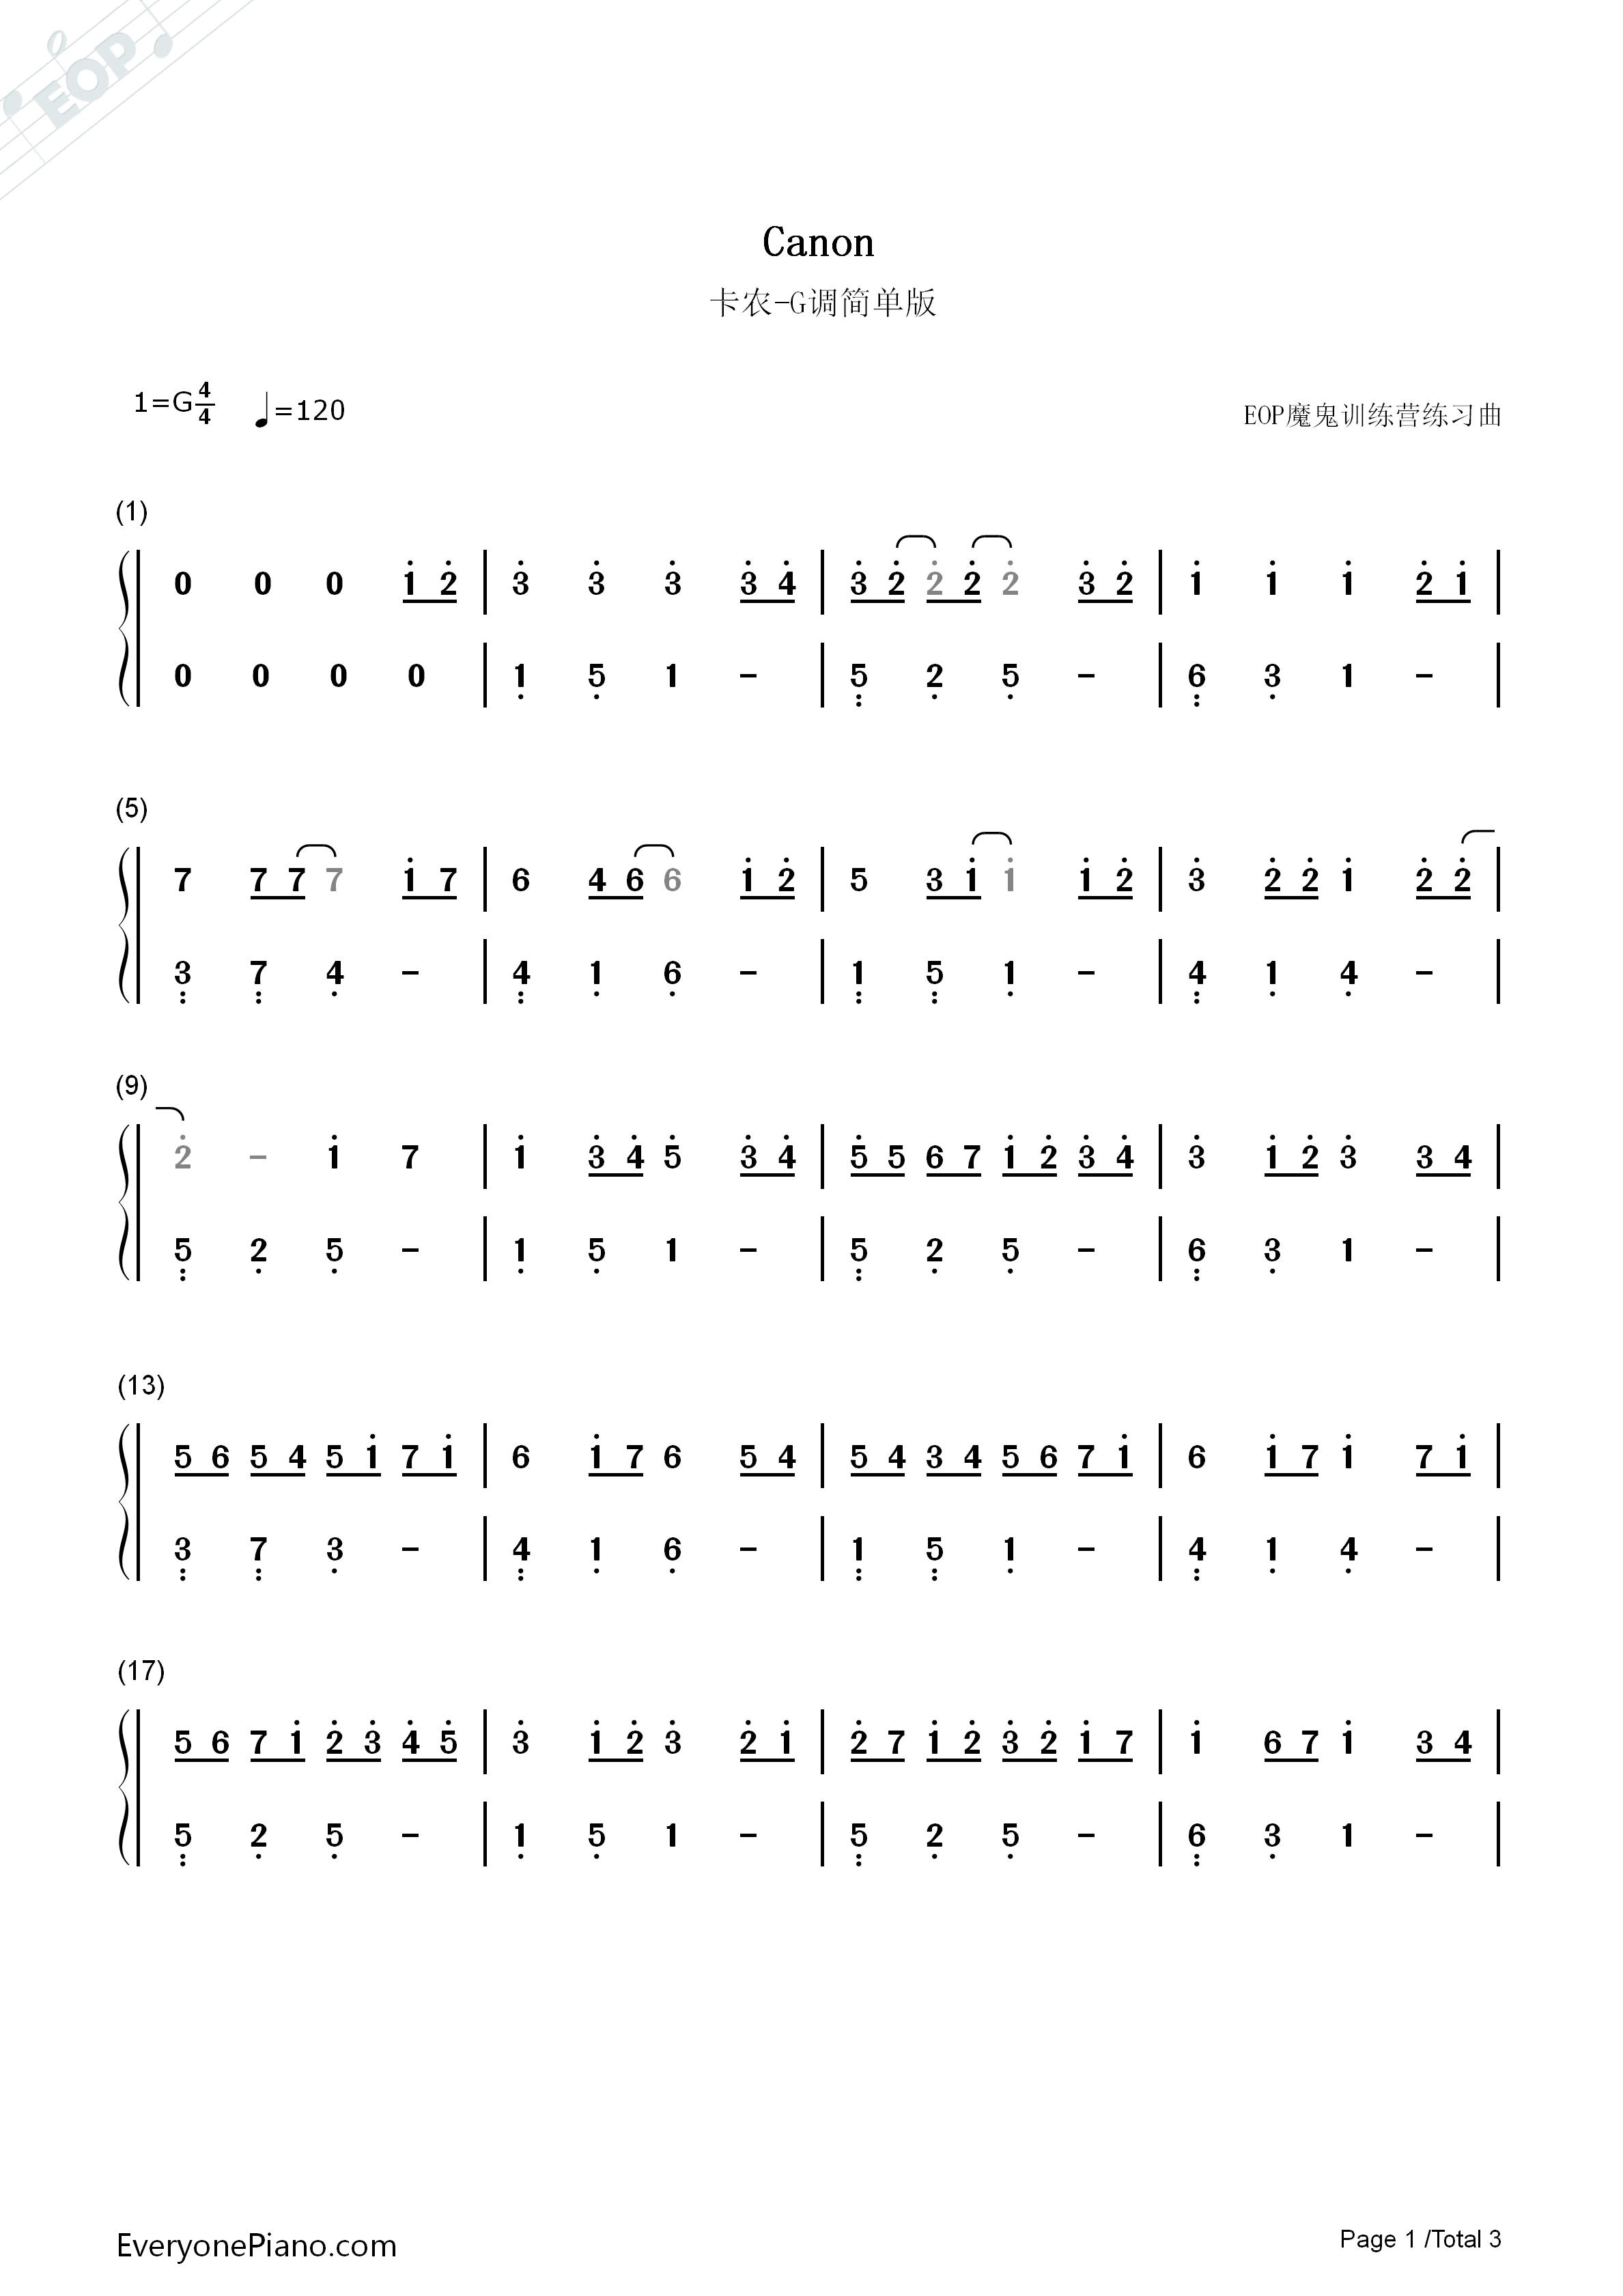 卡农g调简单版-eop教学曲双手简谱预览1